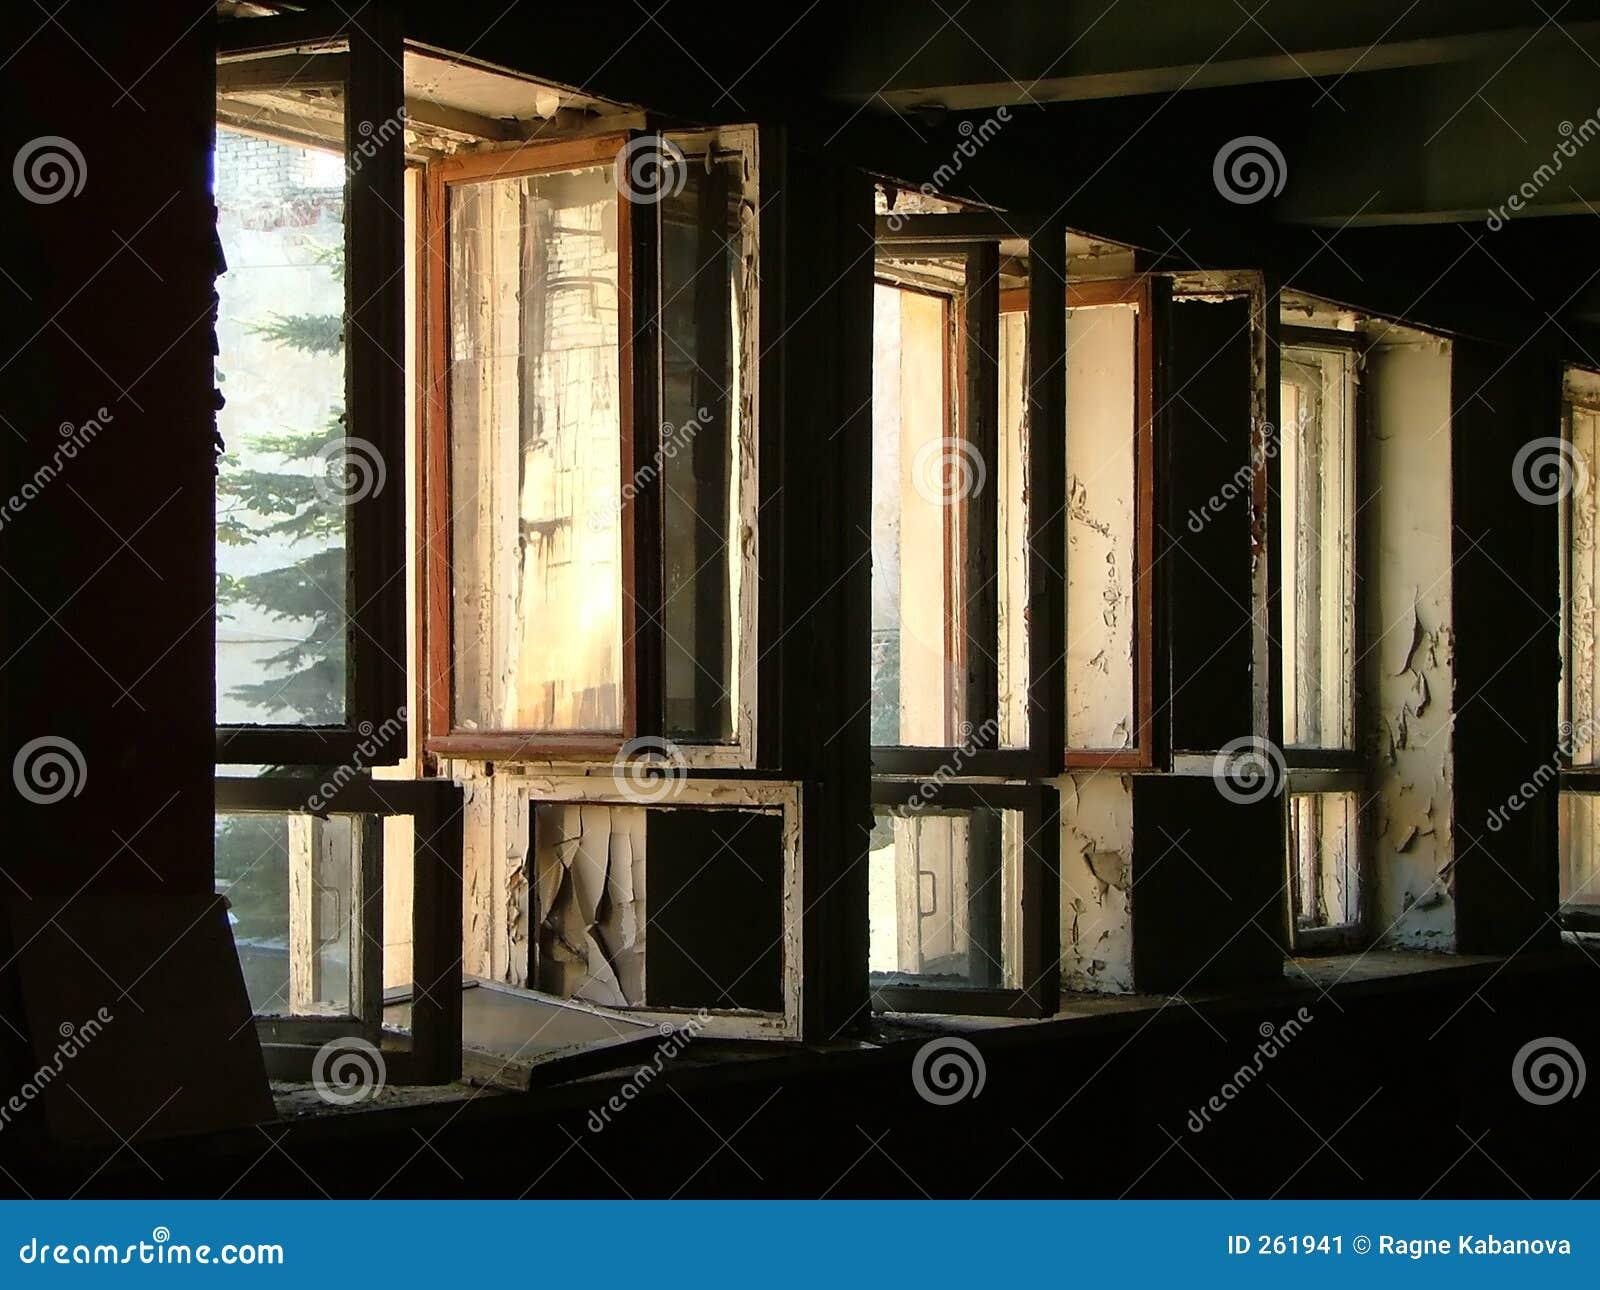 Riga delle finestre aperte immagine stock immagine di abbandonato 261941 - Antifurto finestre aperte ...